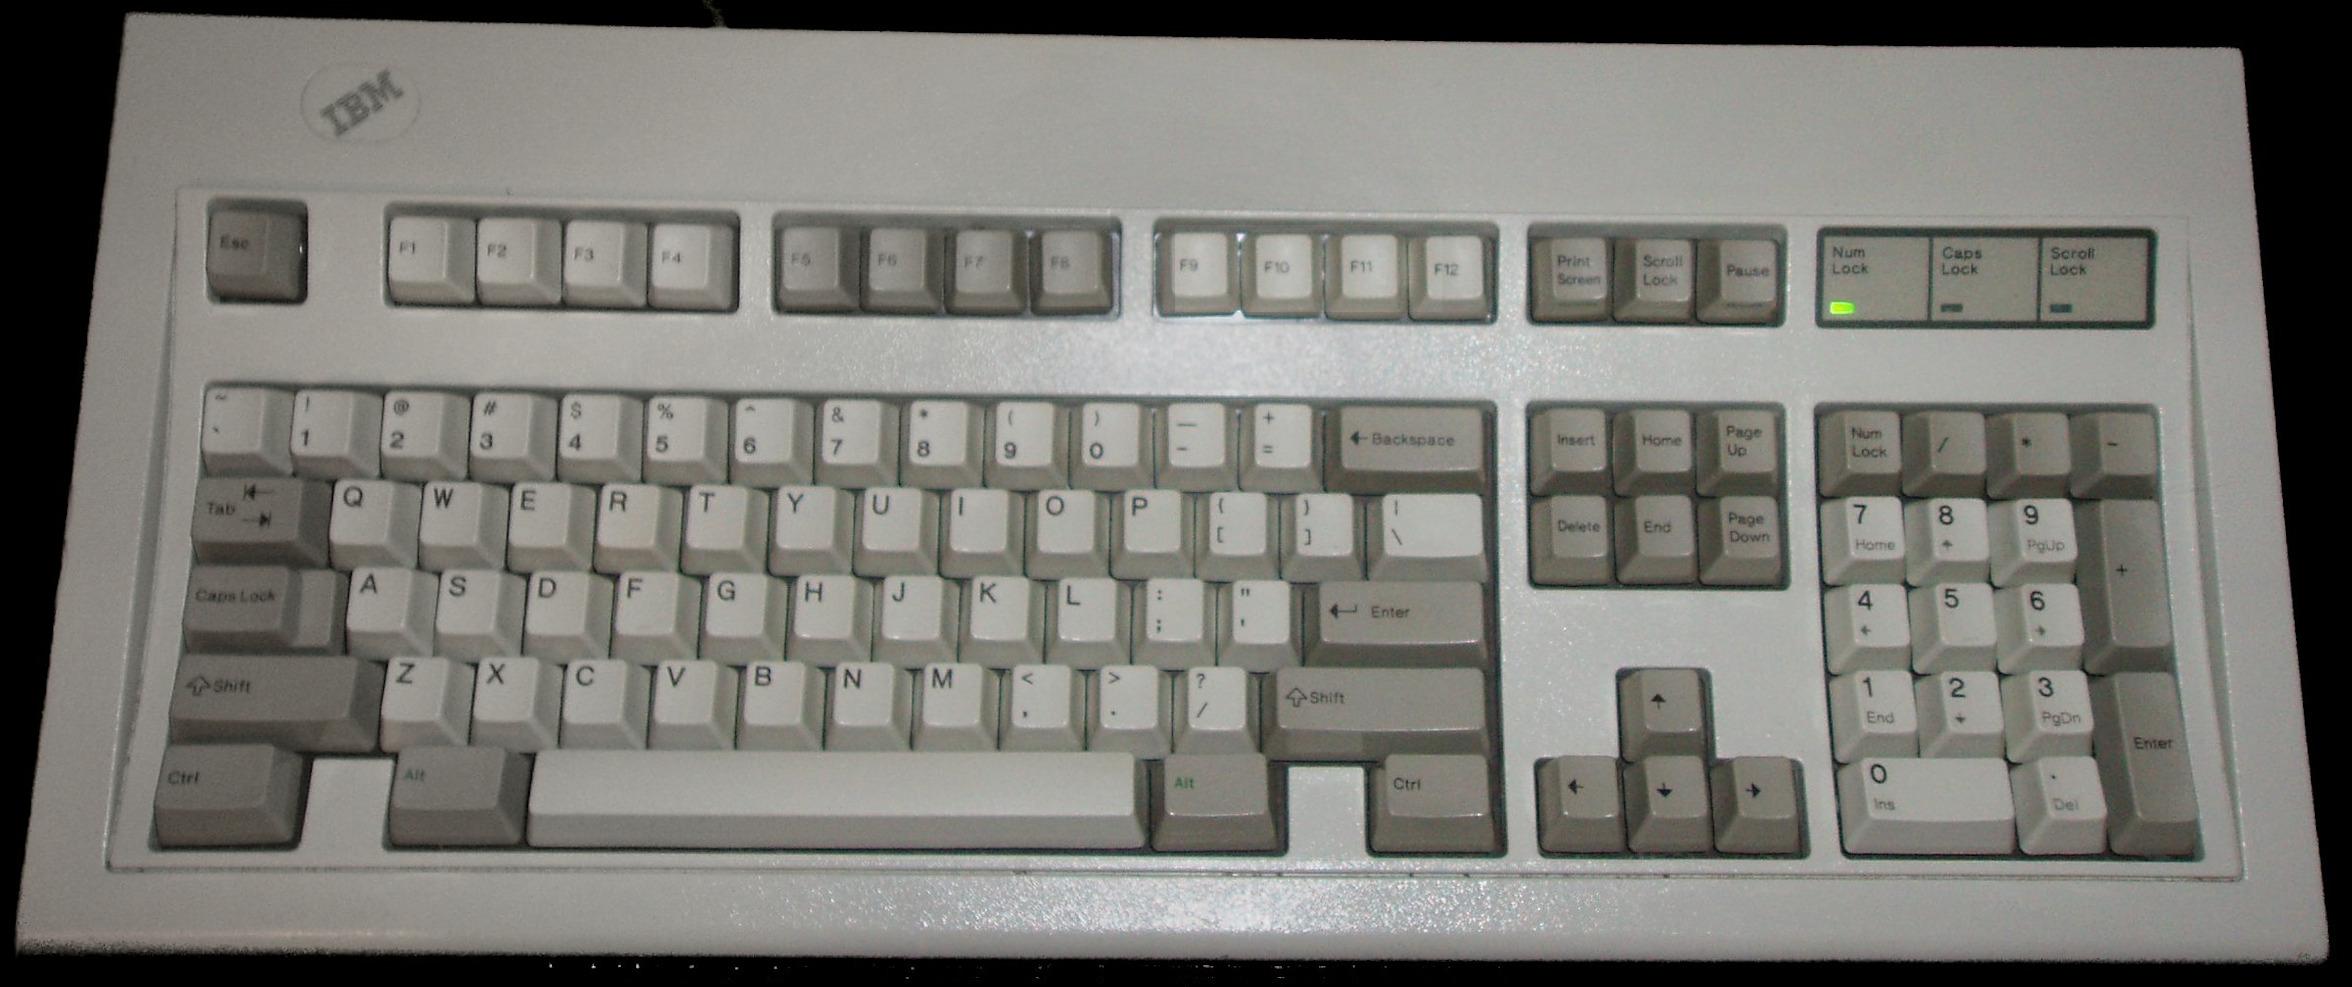 ロック パソコン キーボード パソコンのキーボードが反応しない・打てない場合の対処方法